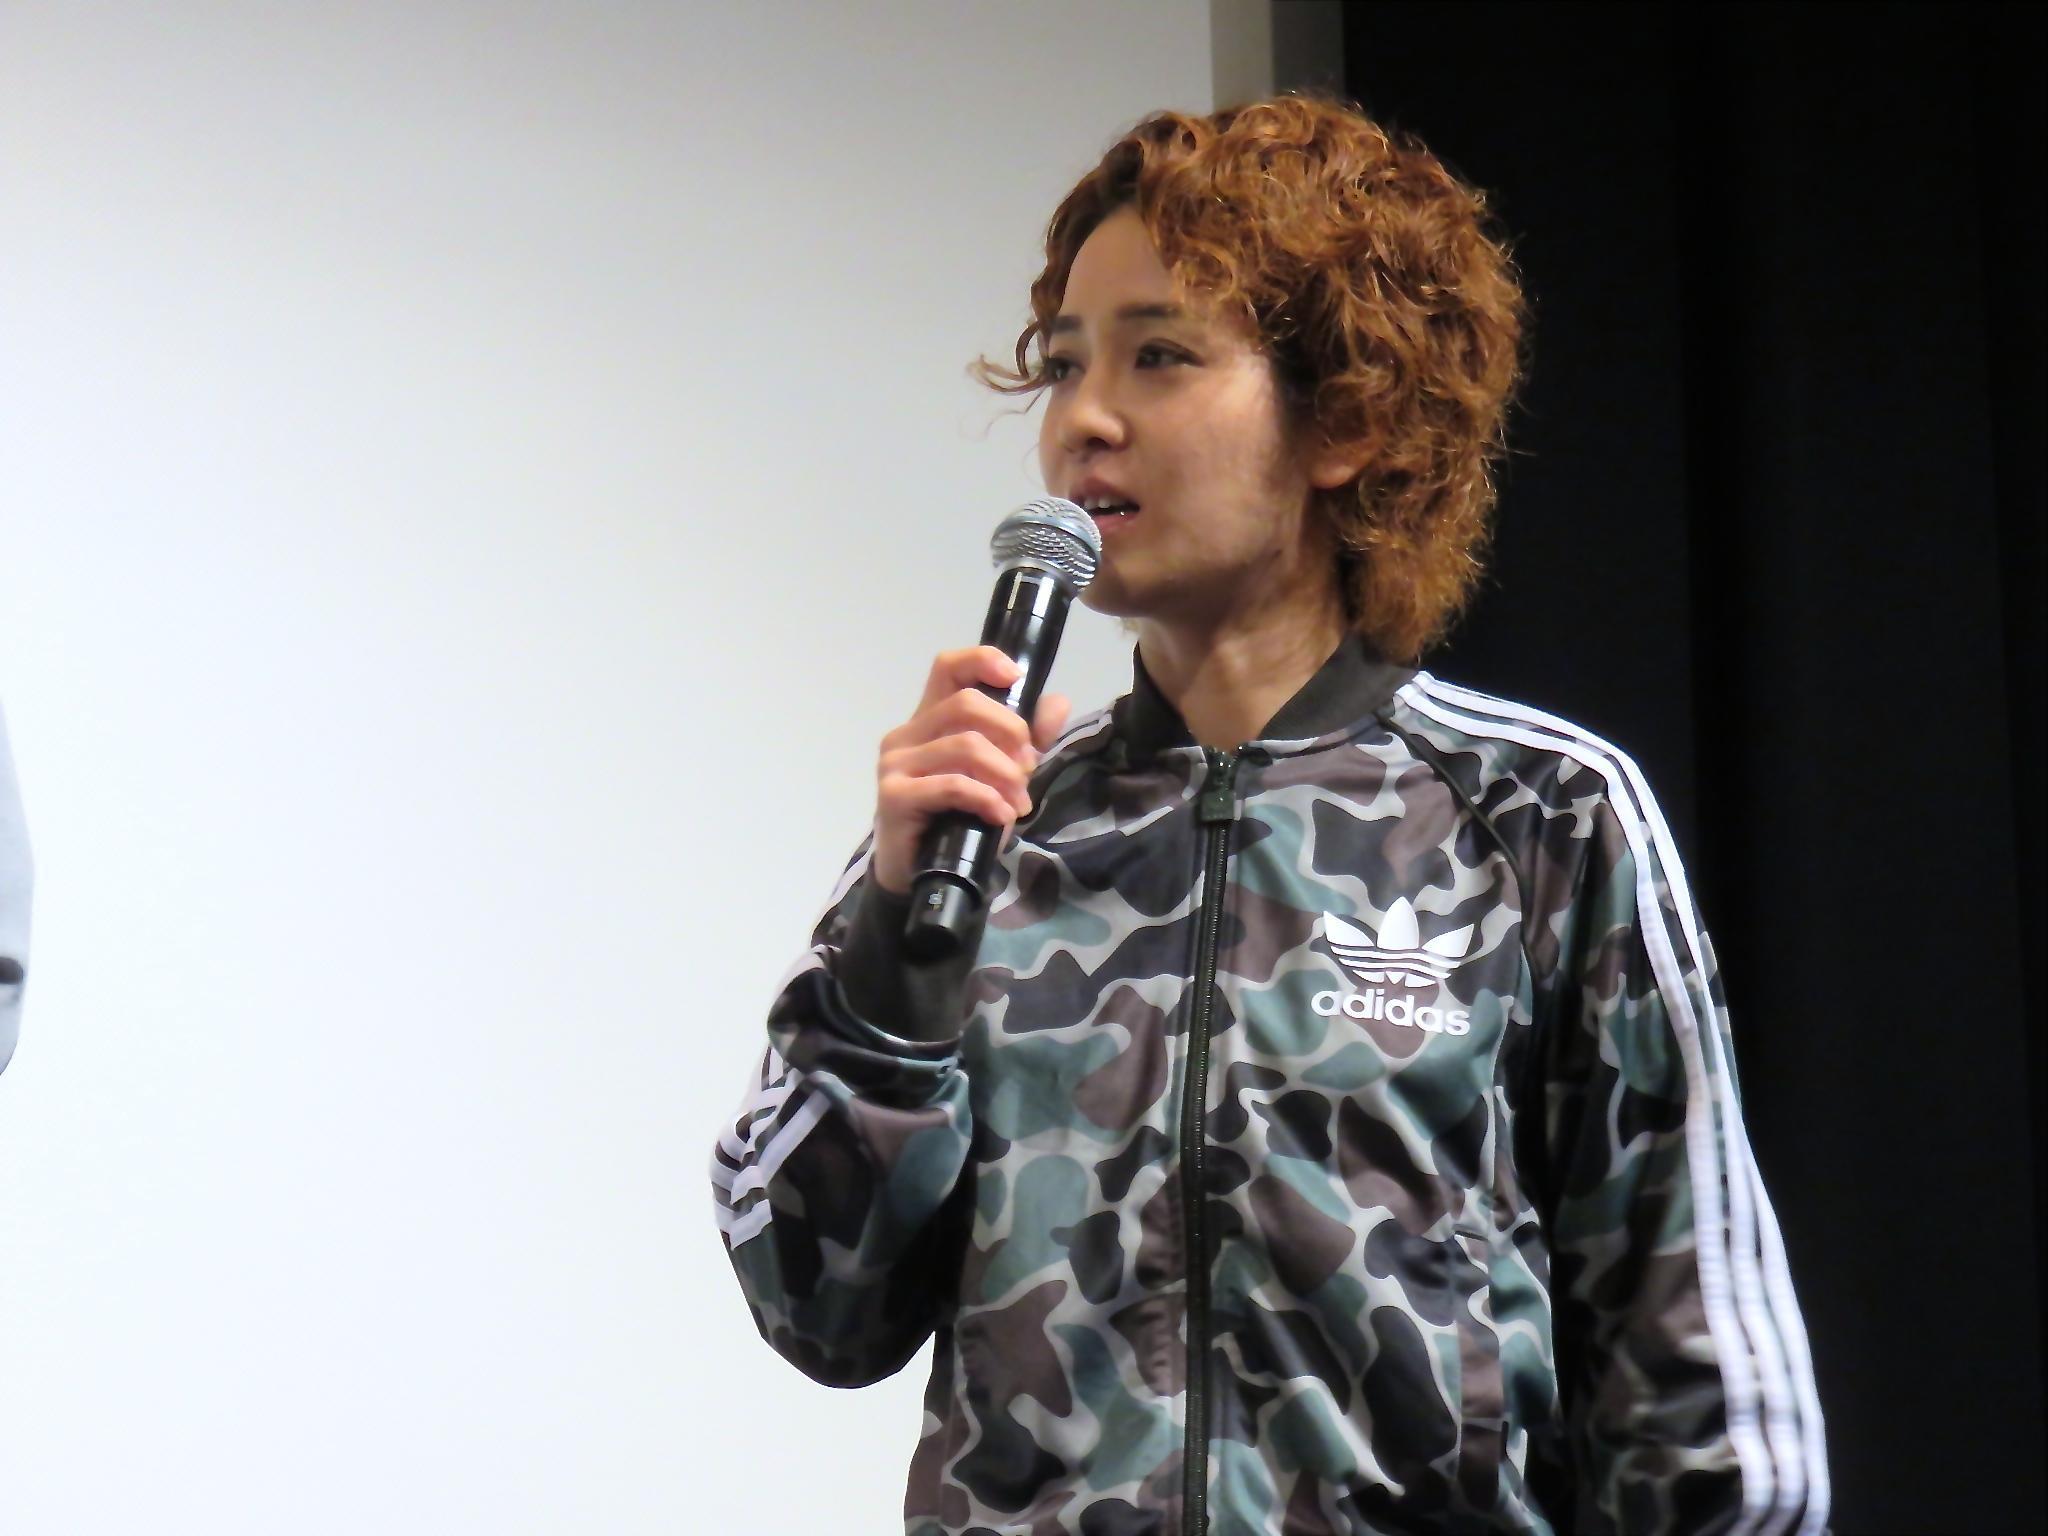 http://news.yoshimoto.co.jp/20171010201412-58dba3048d32026430a7bd1f5d1f069dfd7999ae.jpg